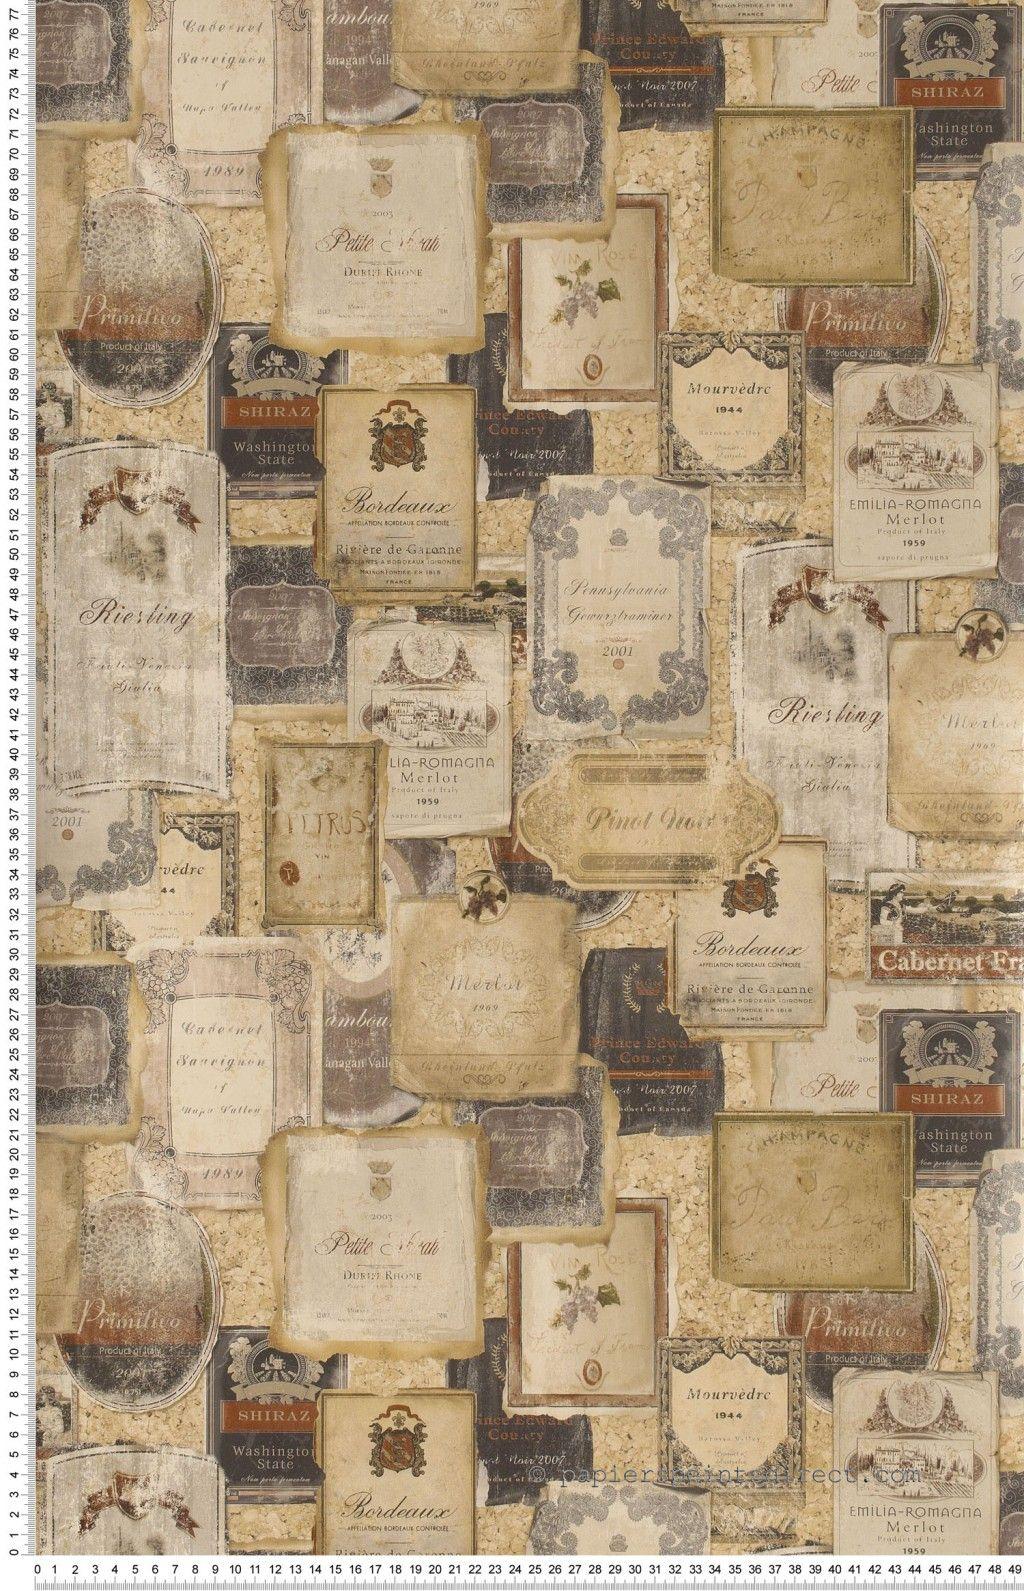 etiquettes de vin rouge papier peint th mes of life d 39 initiales chambre invit s pinterest. Black Bedroom Furniture Sets. Home Design Ideas